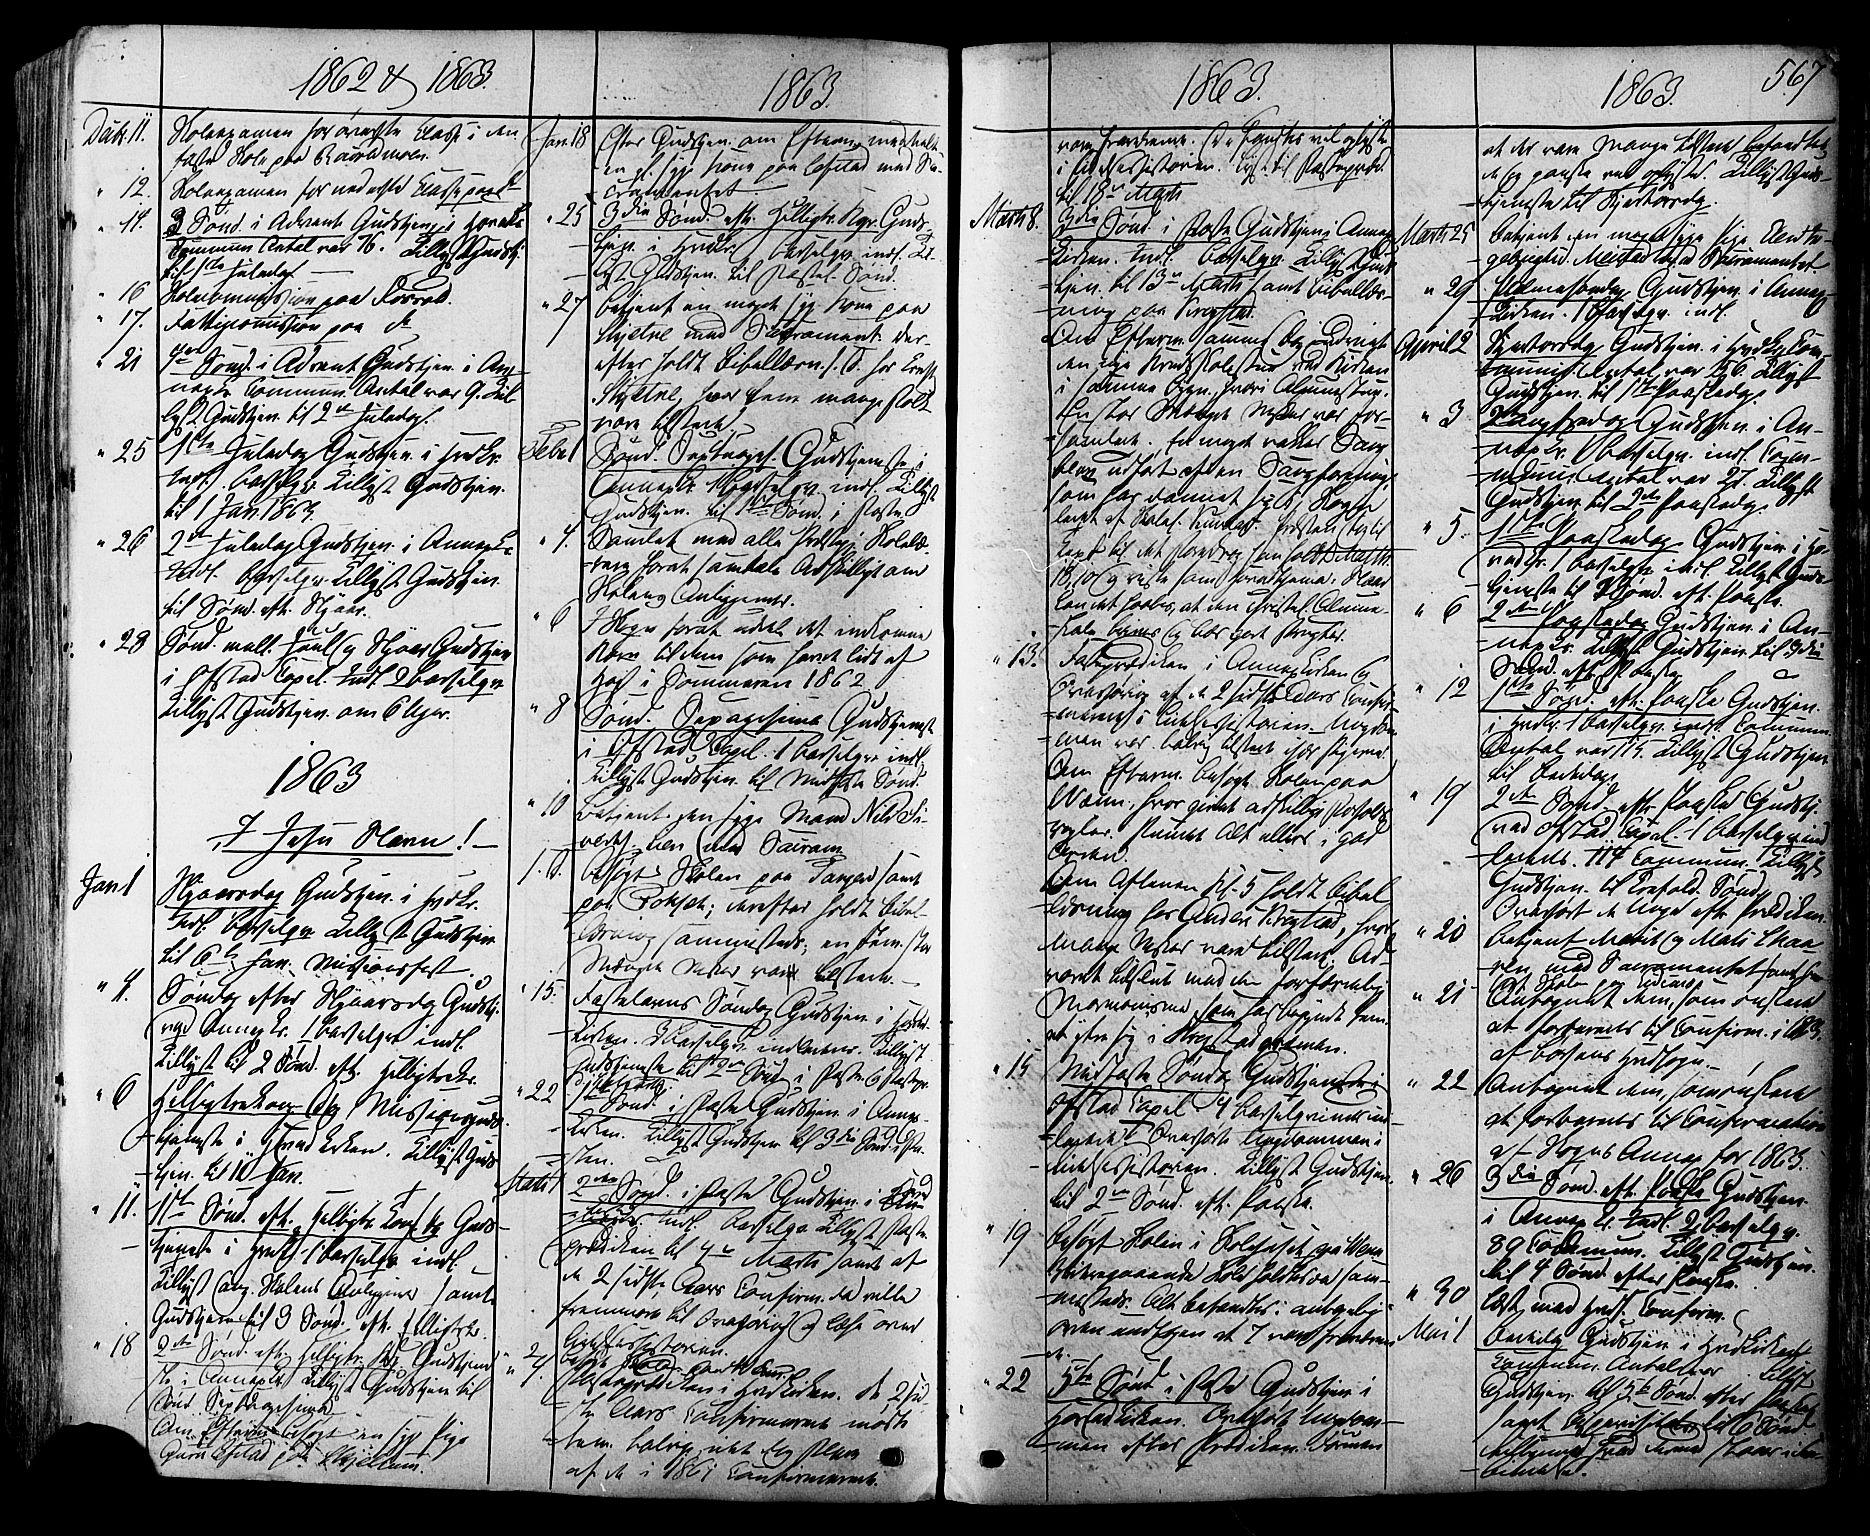 SAT, Ministerialprotokoller, klokkerbøker og fødselsregistre - Sør-Trøndelag, 665/L0772: Ministerialbok nr. 665A07, 1856-1878, s. 567